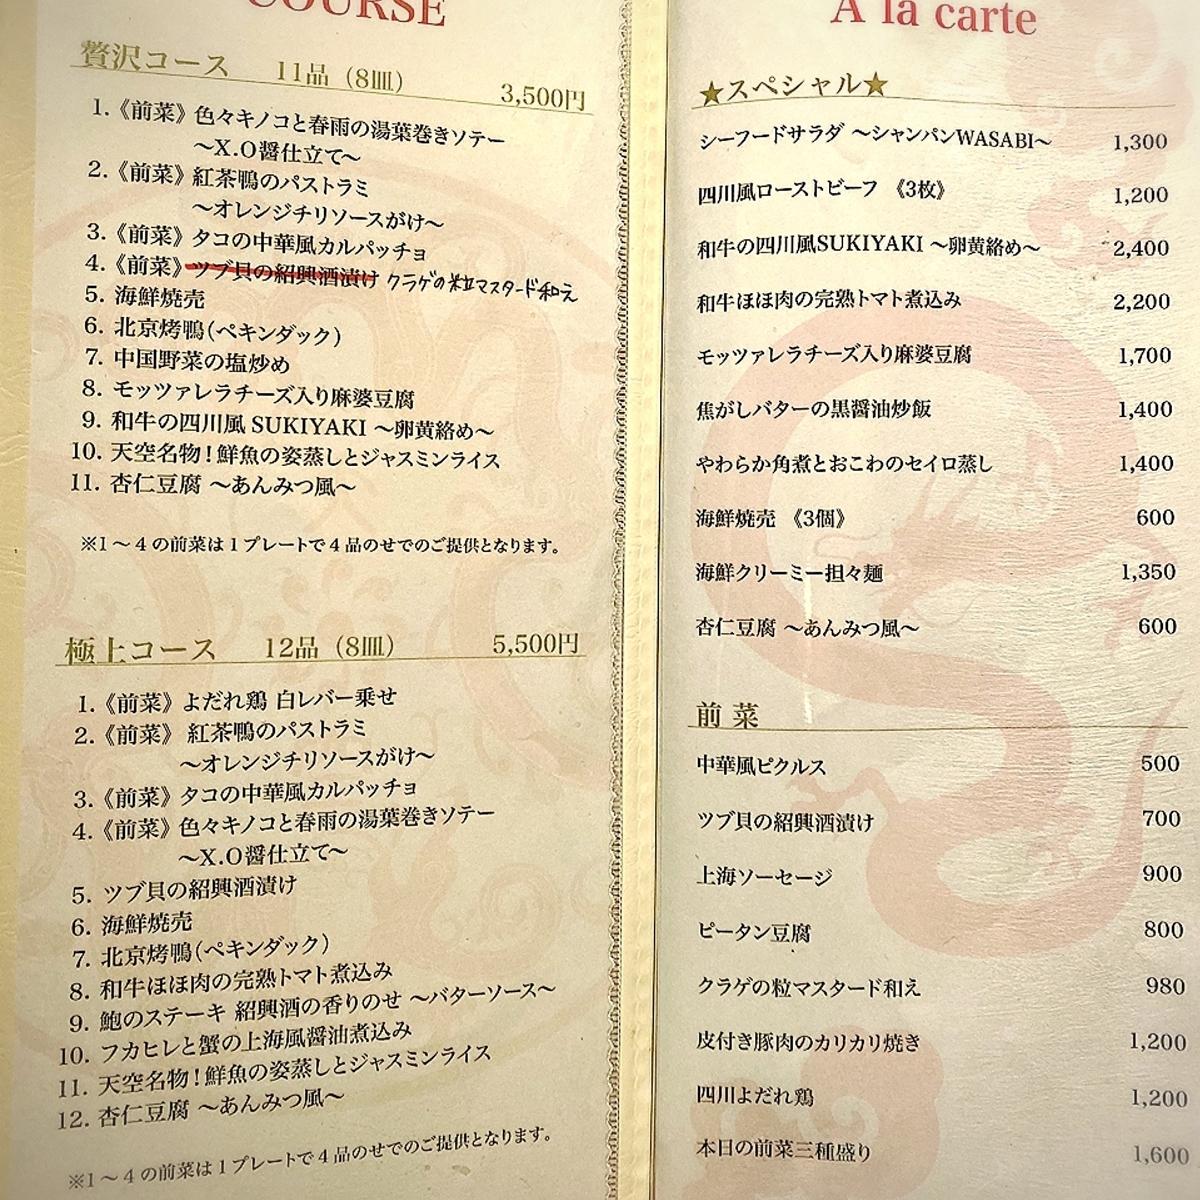 「天空飲茶酒家」のメニューと値段1